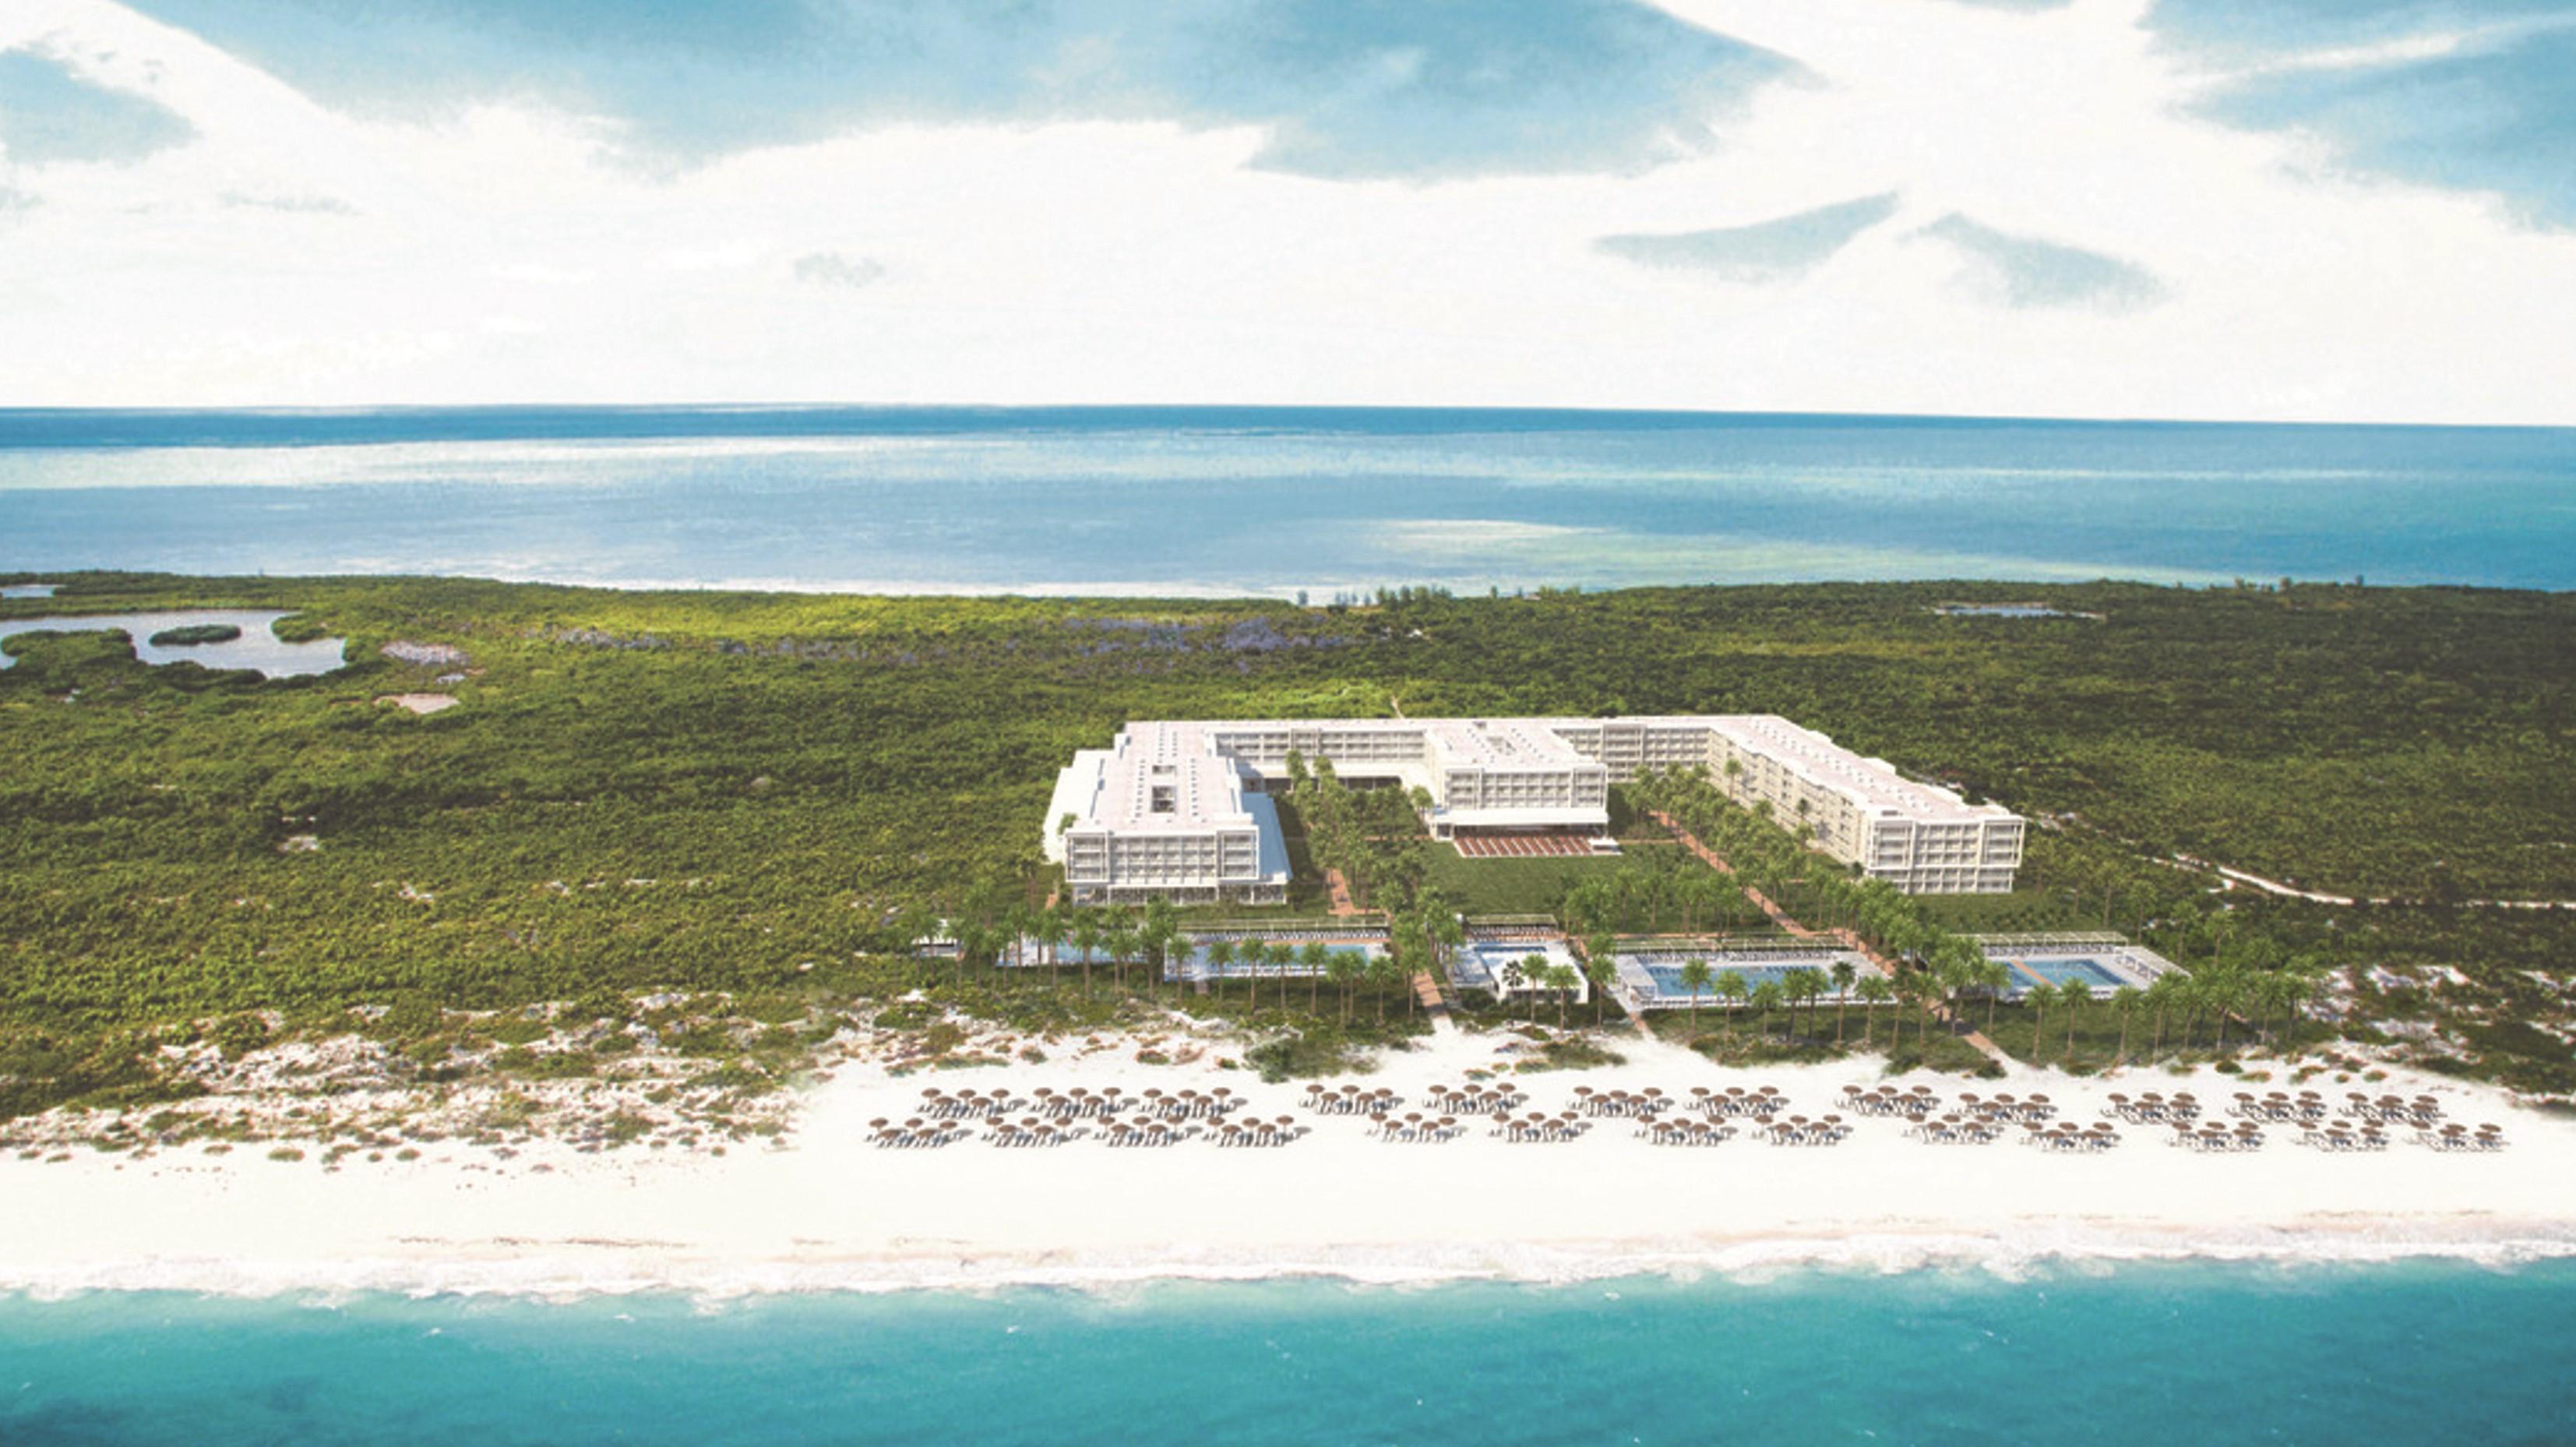 Riu dunamar cancun mexique selectair donair travel for Sejour complet cancun